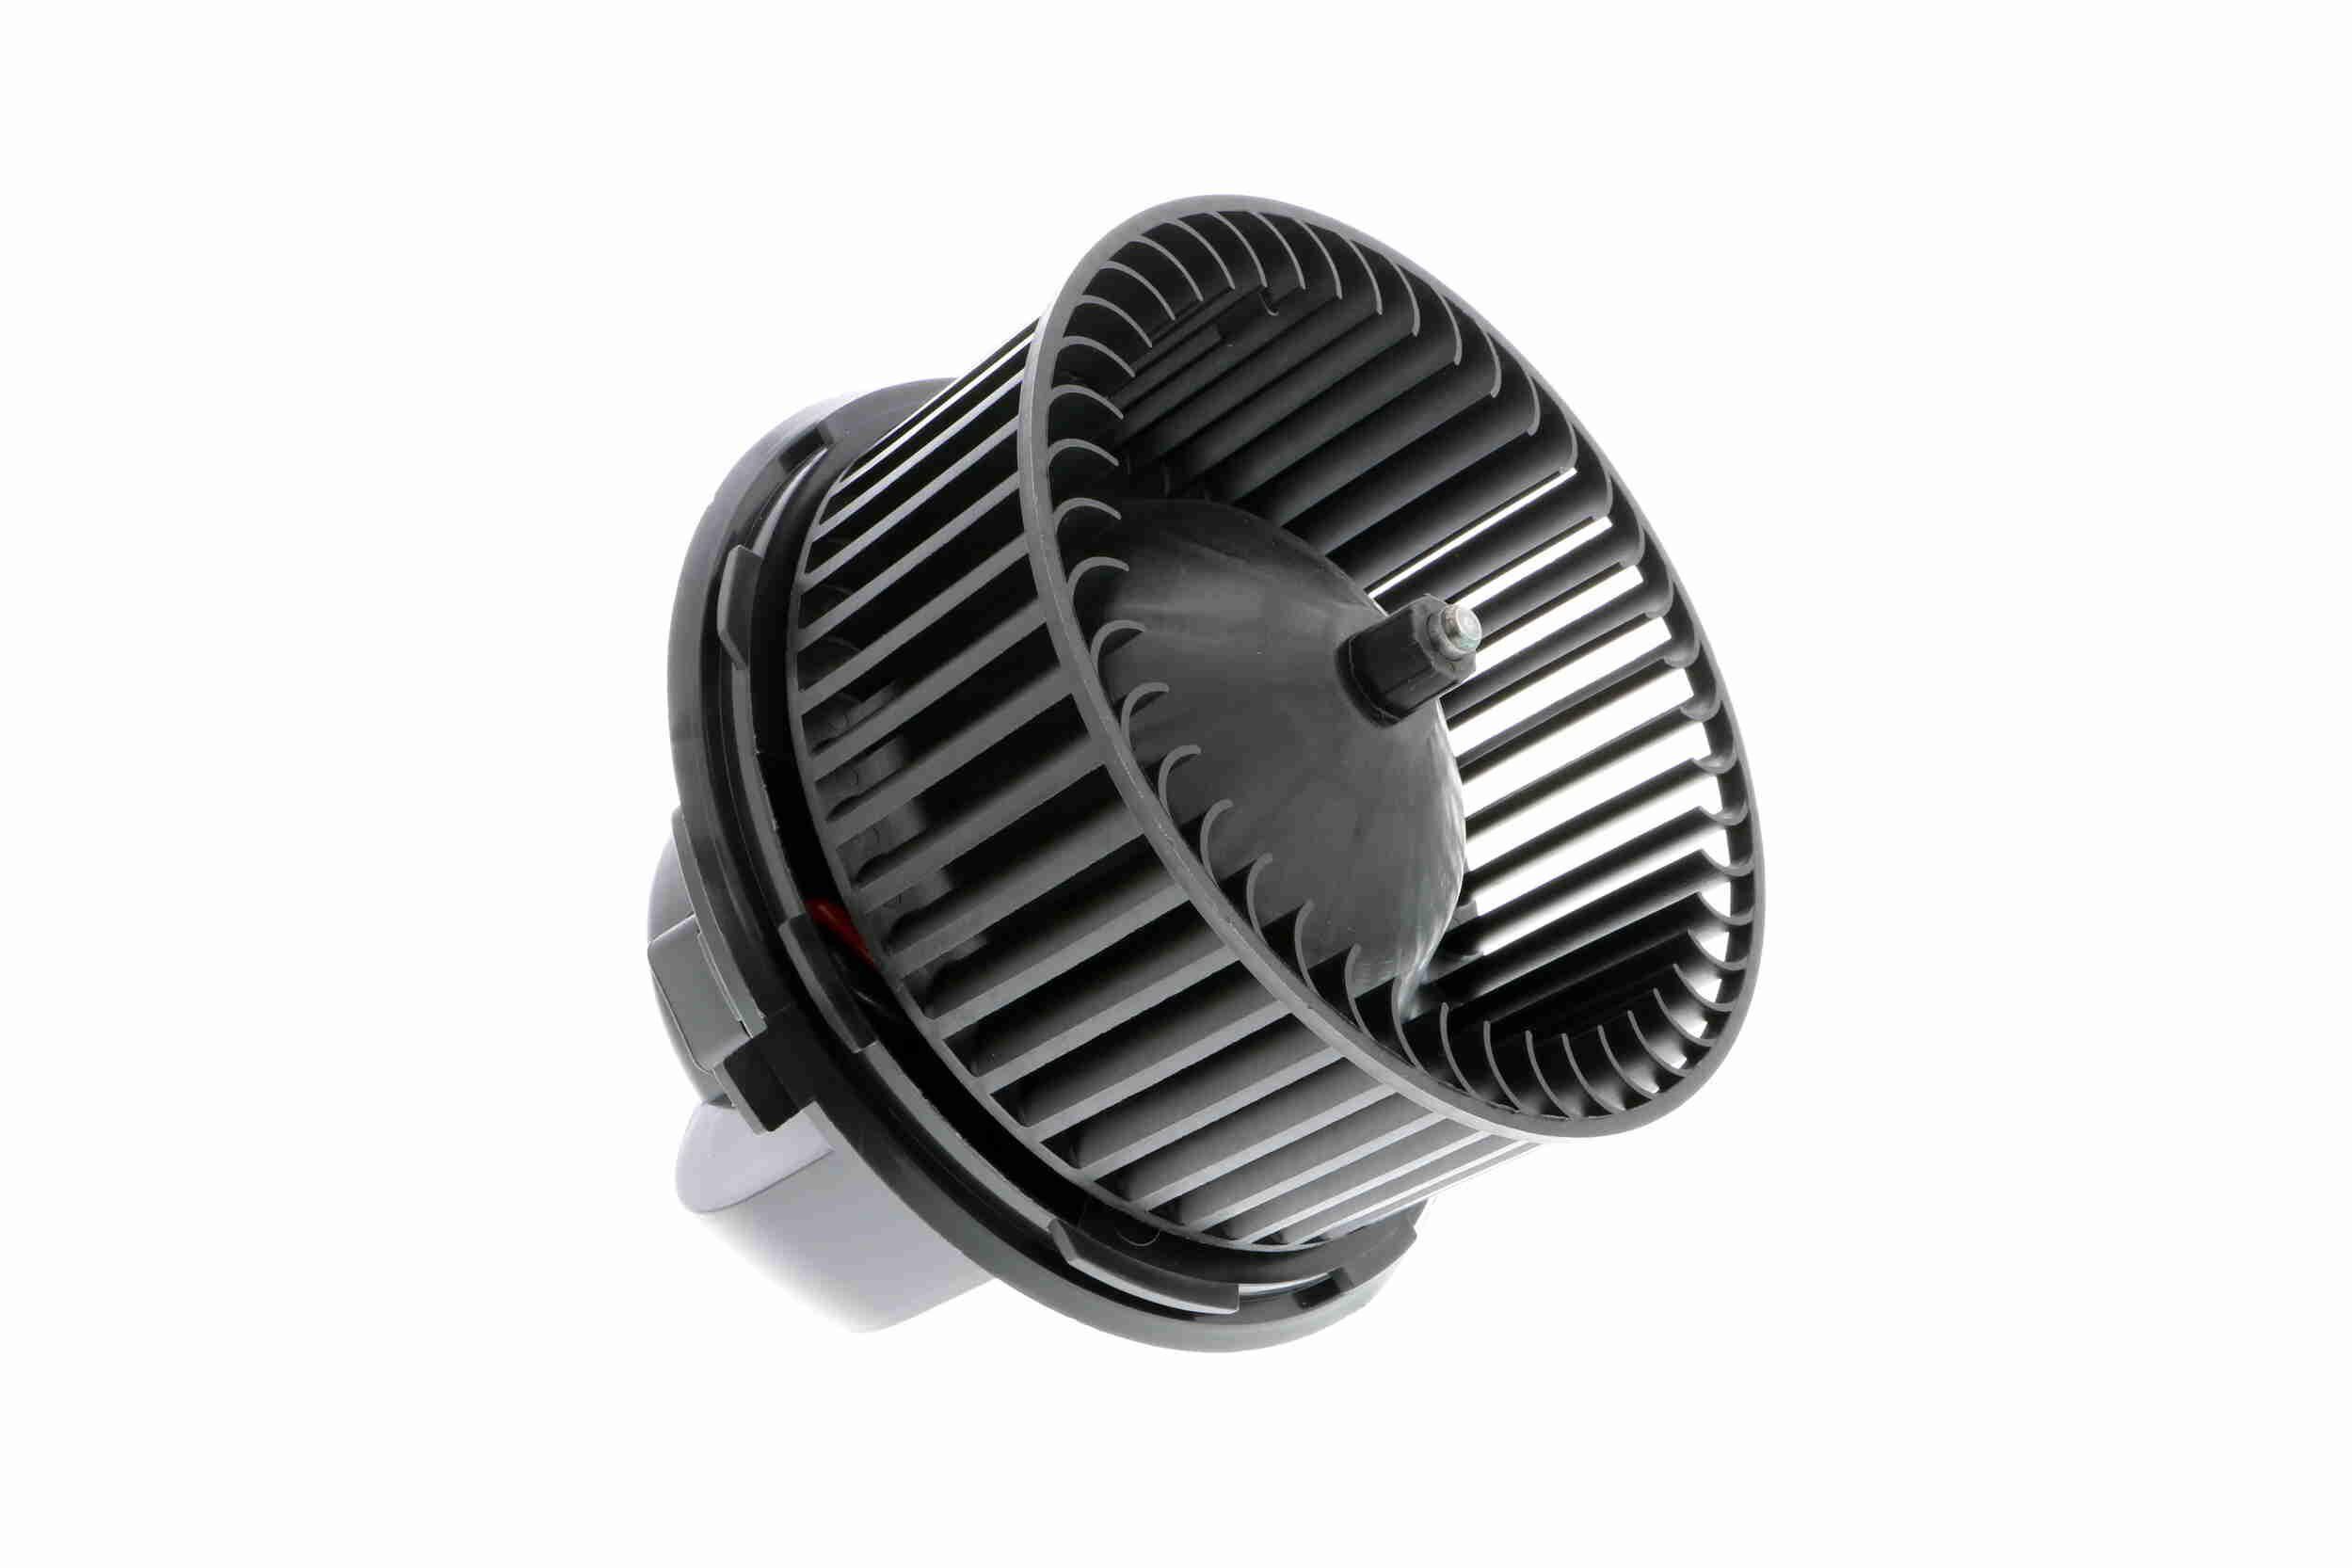 Heizgebläse V25-03-1623 VEMO V25-03-1623 in Original Qualität